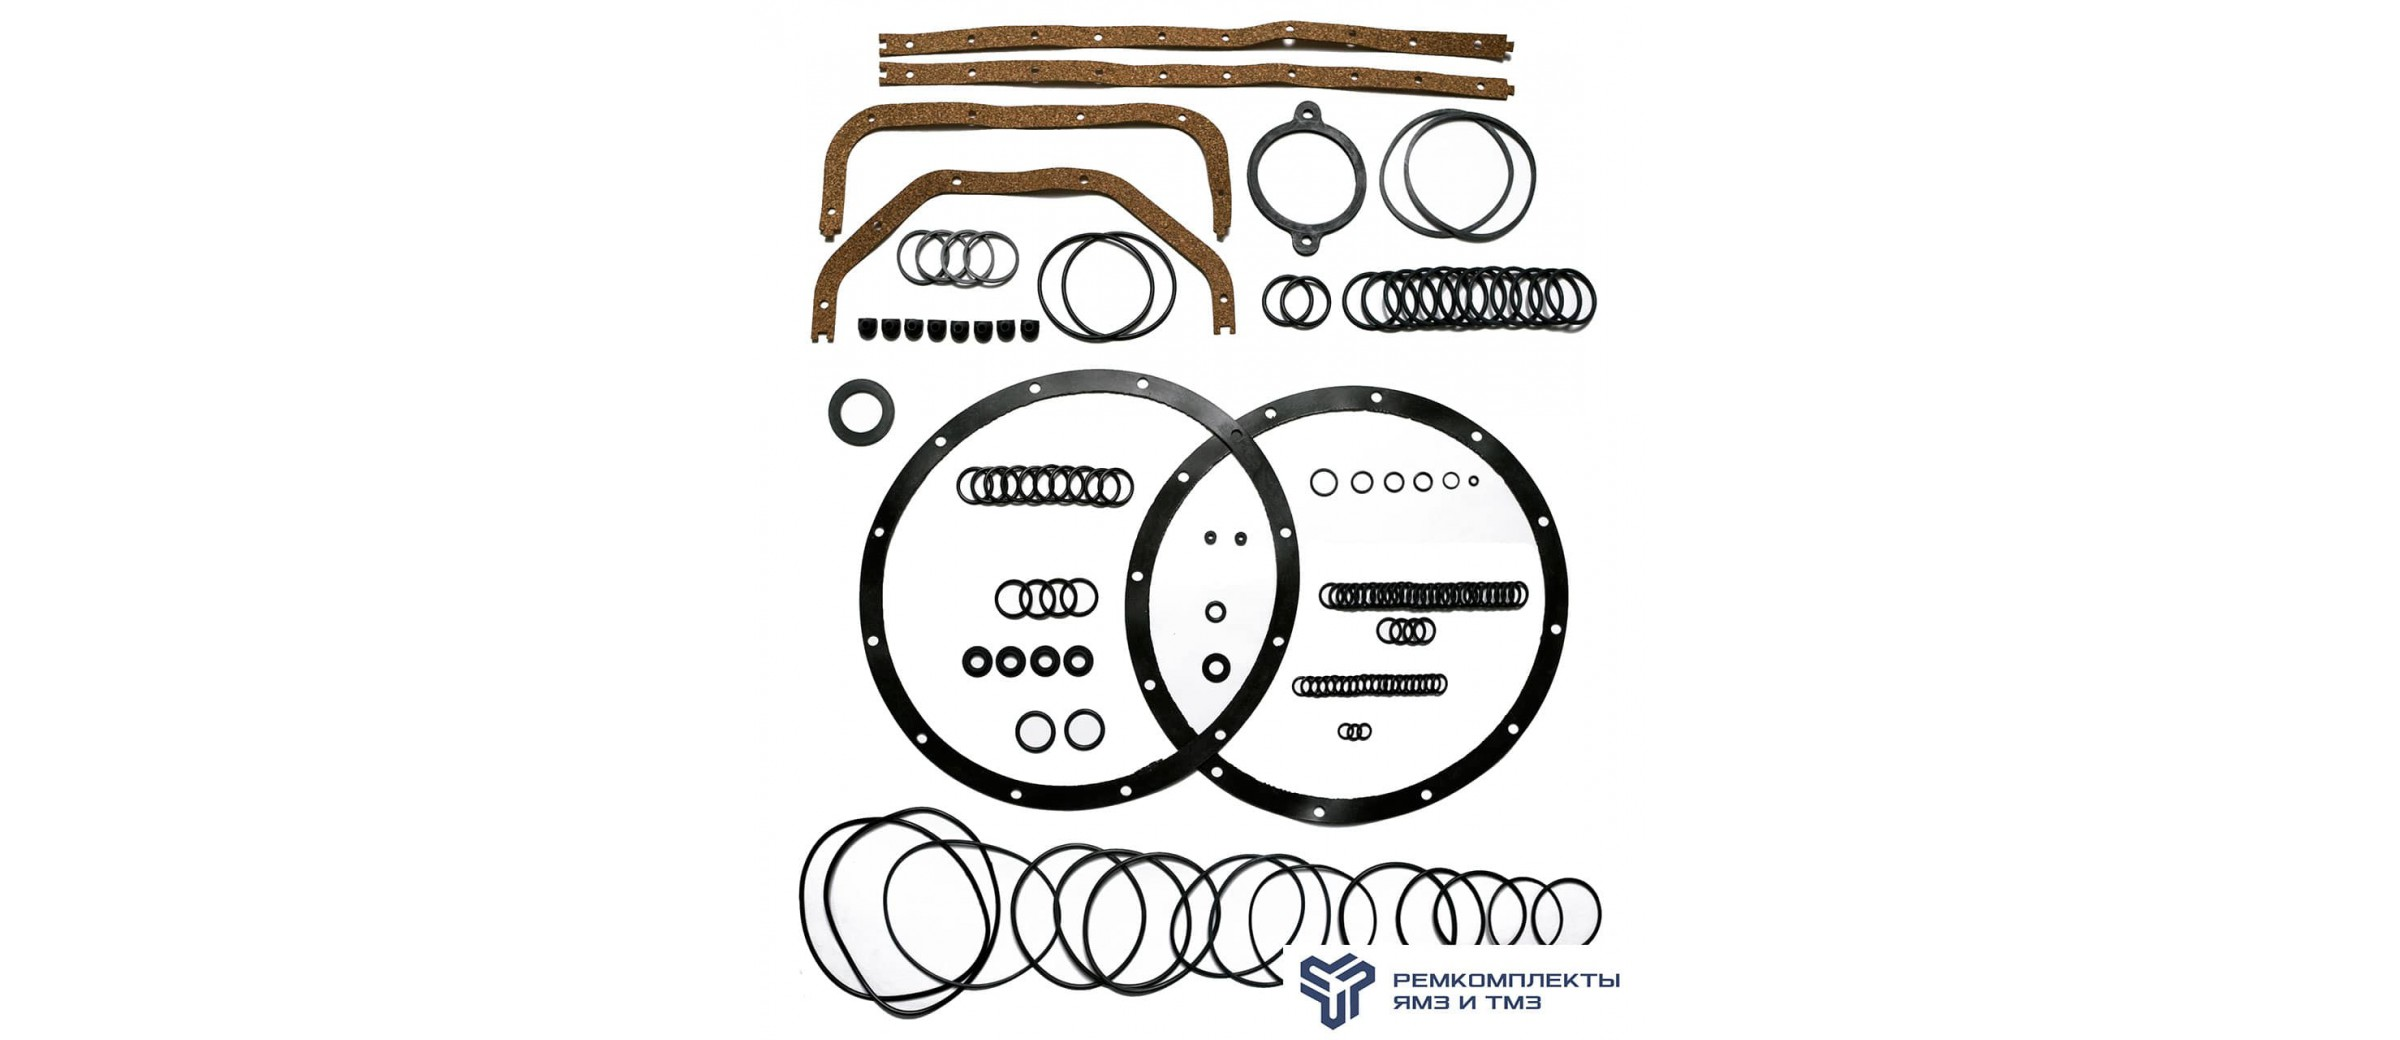 Комплект РТИ на двигатель ТМЗ 8421-8486 (без уплотнительной гильзы и ГБЦ)